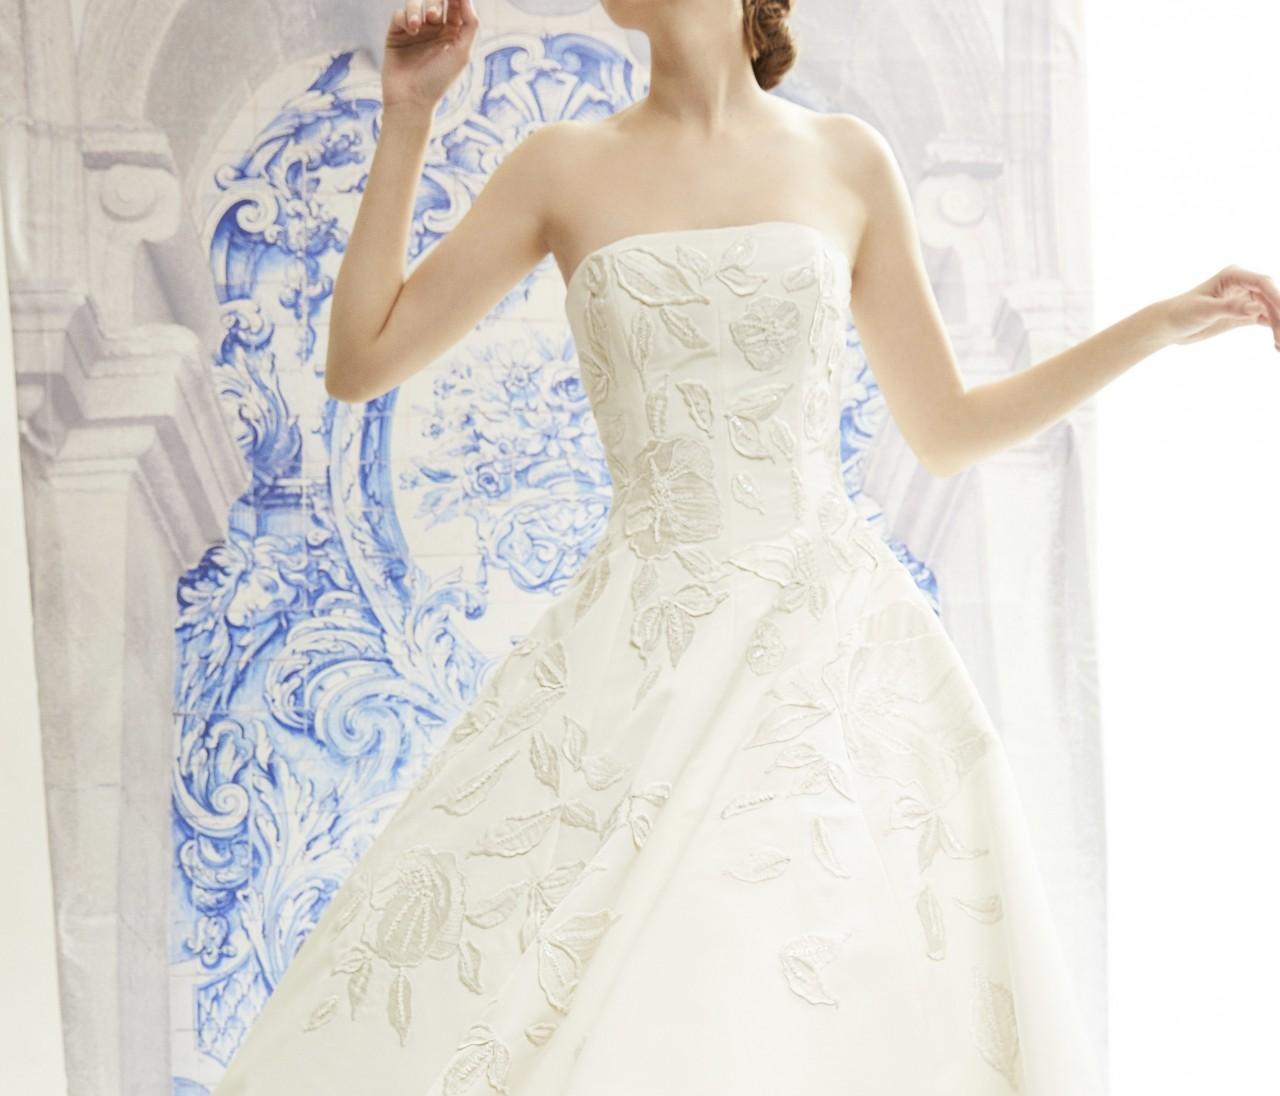 2020年婚のプレ花たちへ【キャロリーナ・ヘレナ】のドレスがおすすめ!